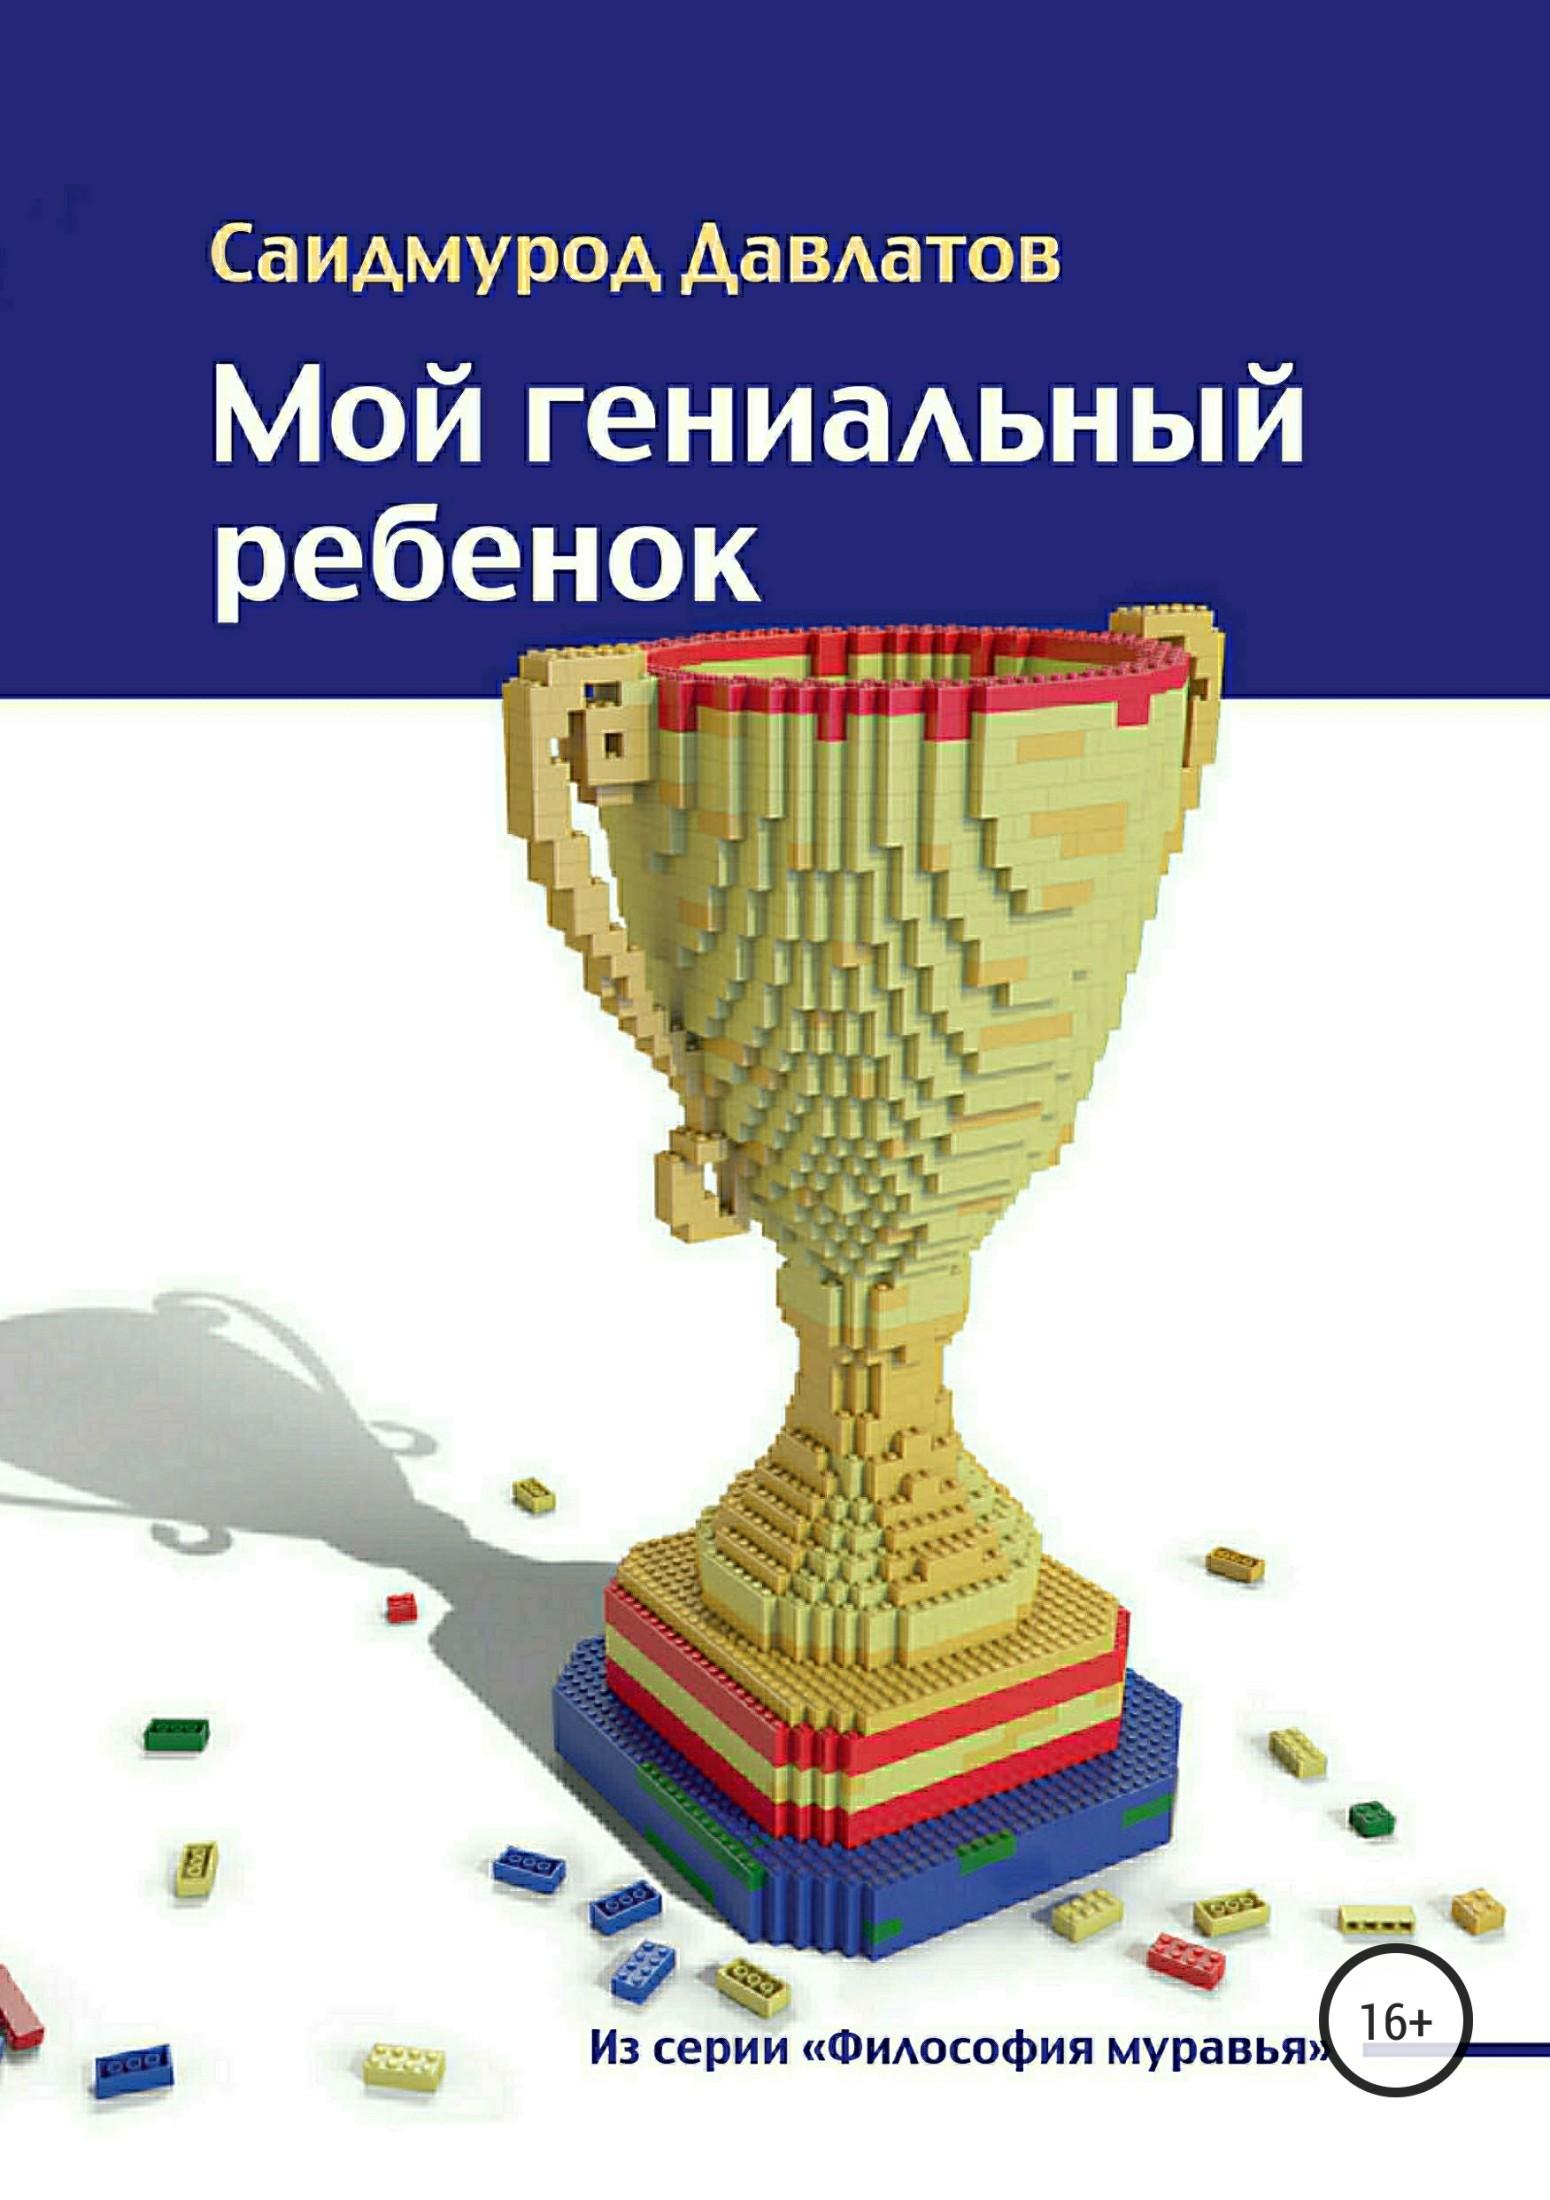 Саидмурод Раджабович Давлатов. Мой гениальный ребенок